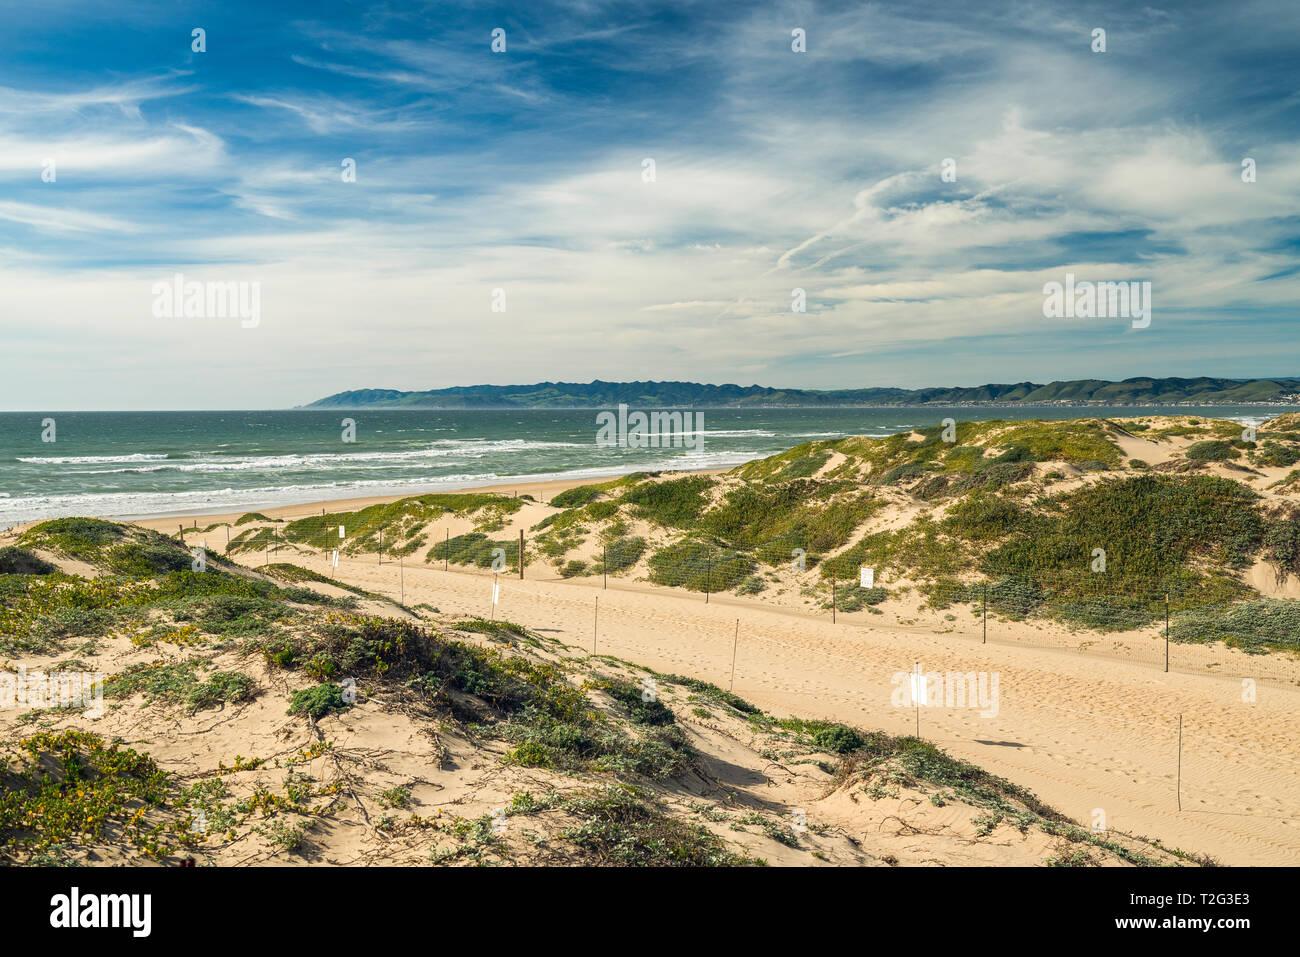 Sentiero attraverso le dune di sabbia e vista oceano. Oso Flaco Lago Area naturale del parco statale, California Immagini Stock